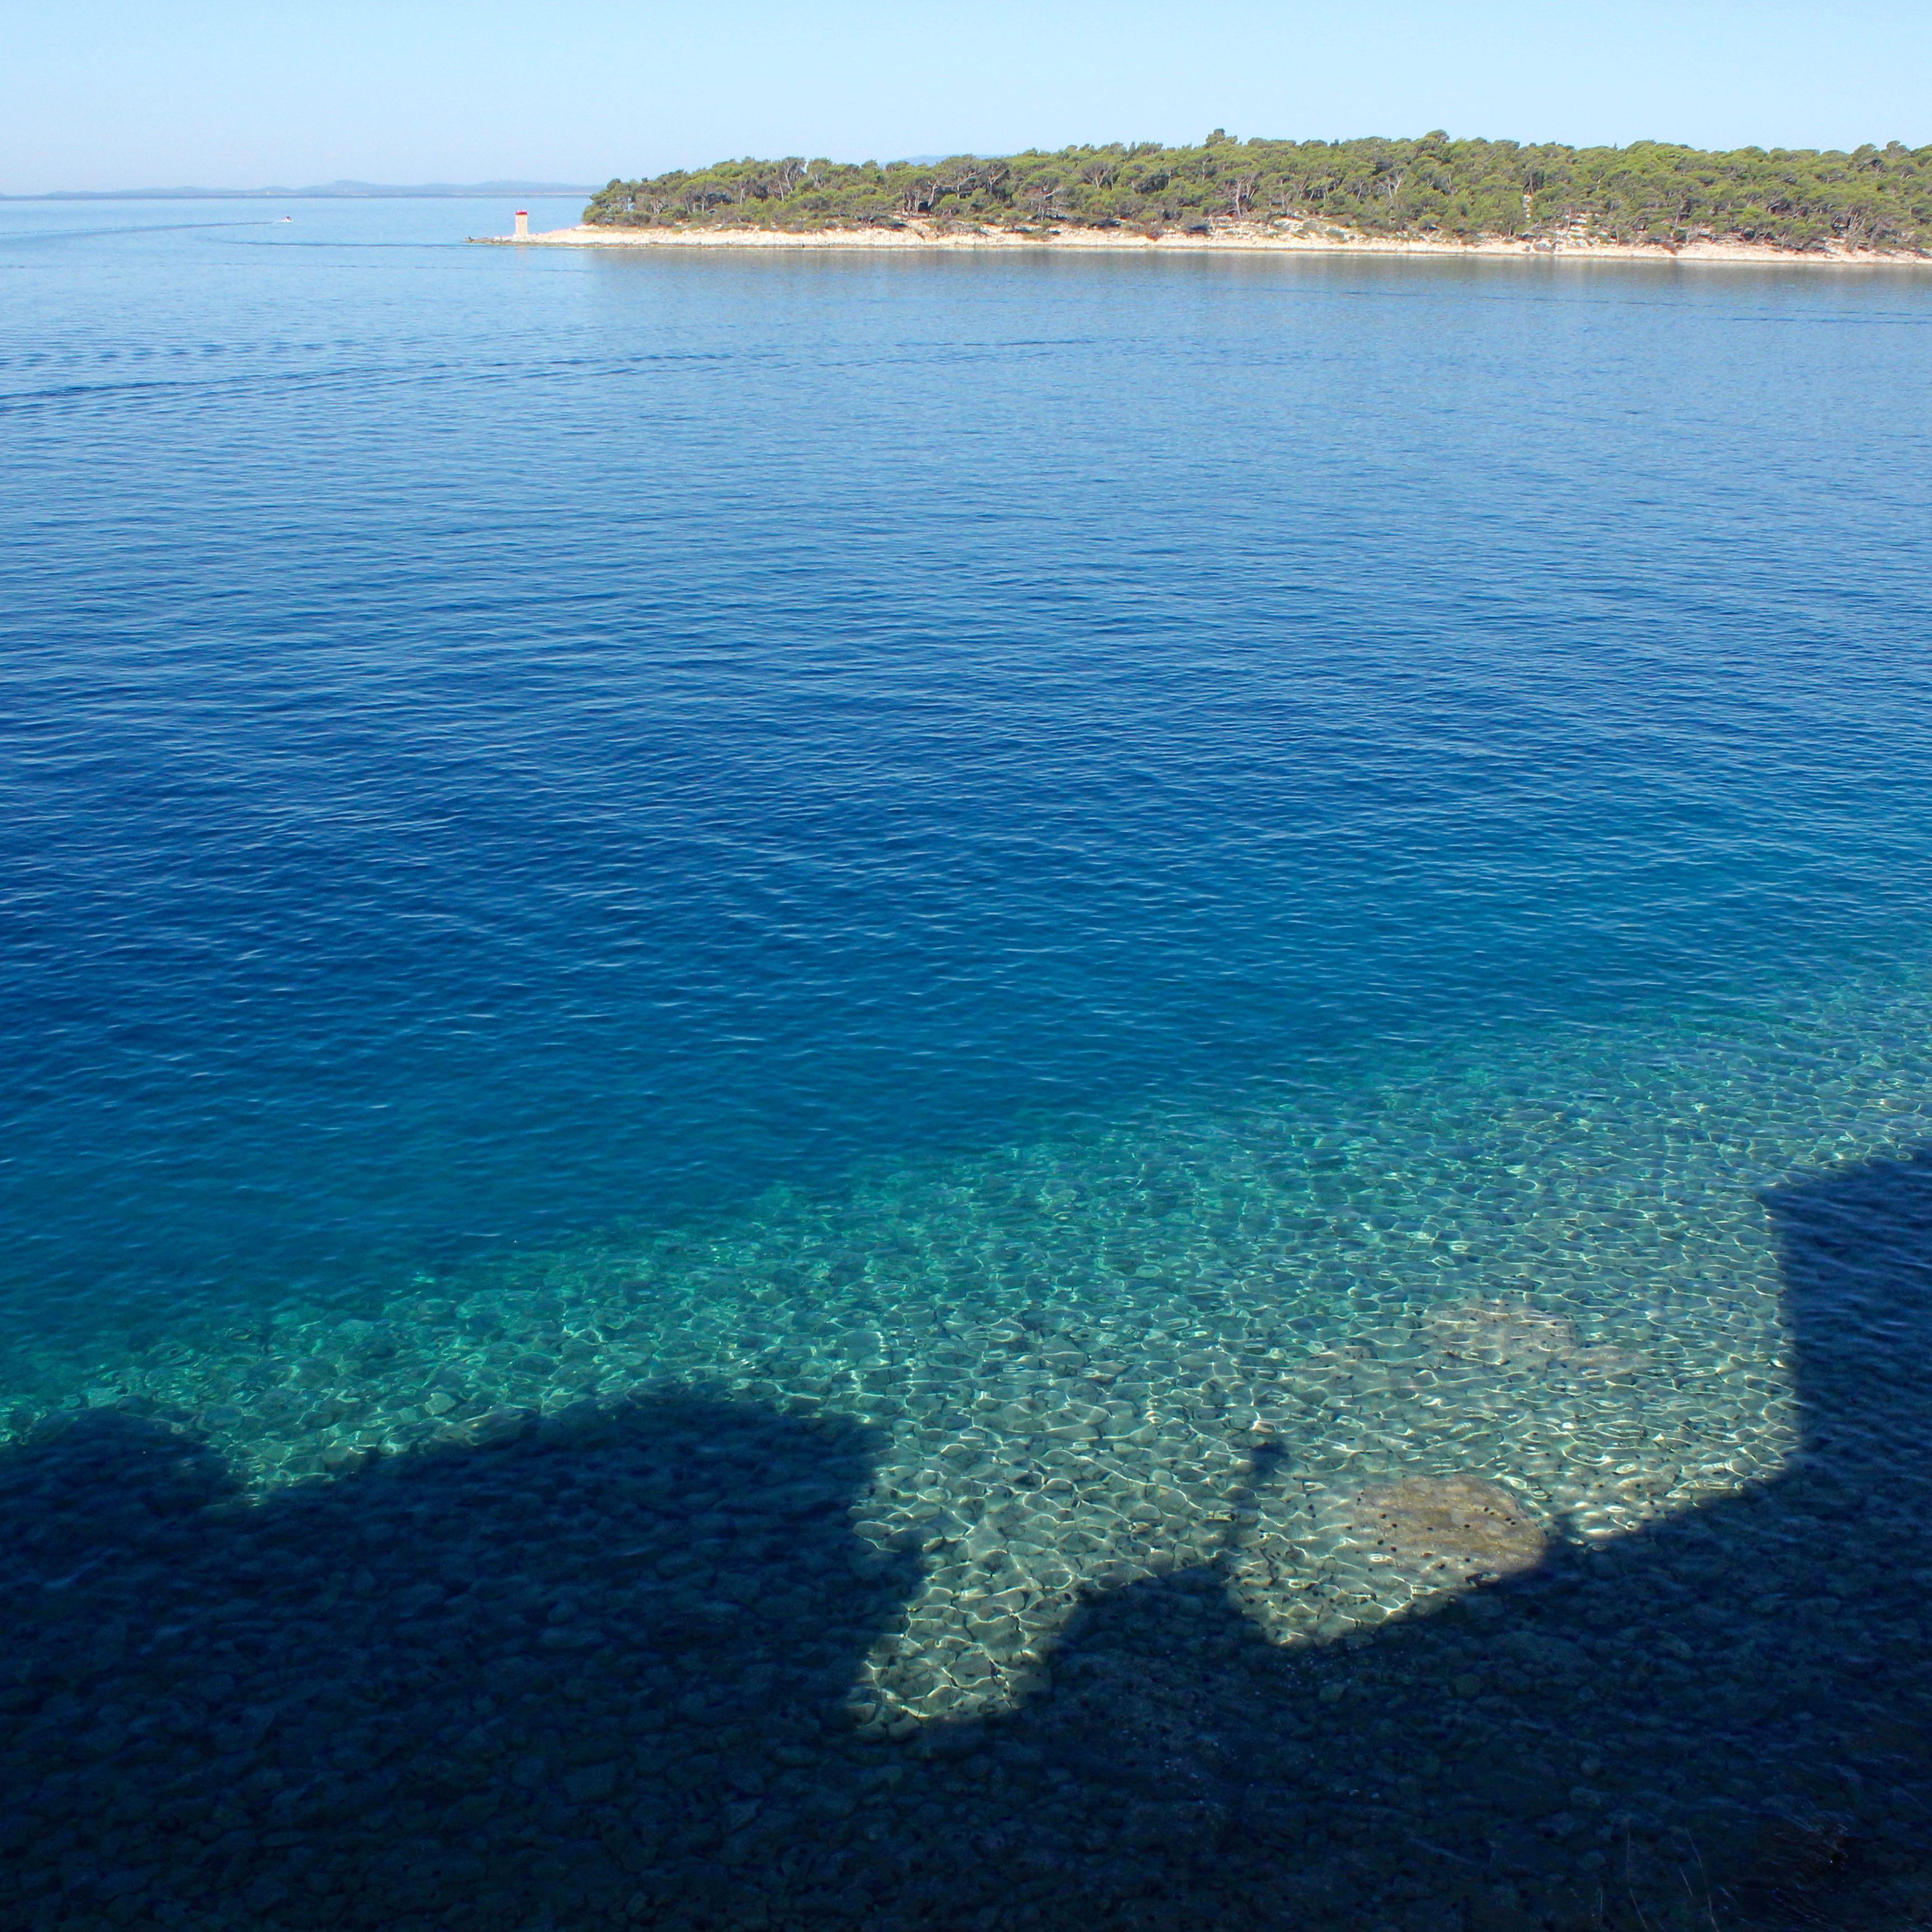 Rab, Croatia 14